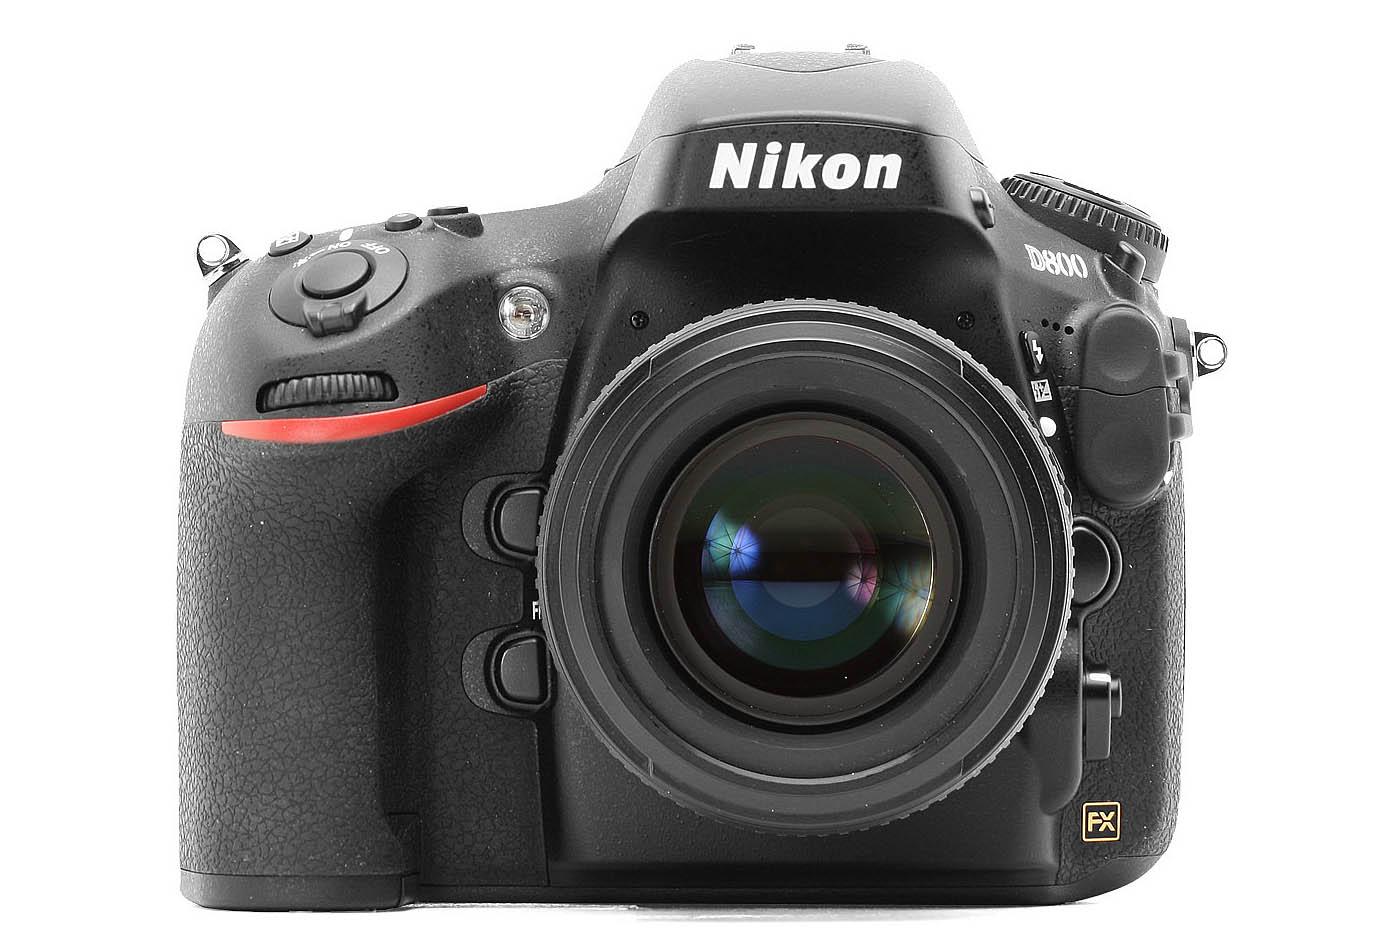 Novità varie: Nikon D800, nuovi obiettivi Canon e Tamron